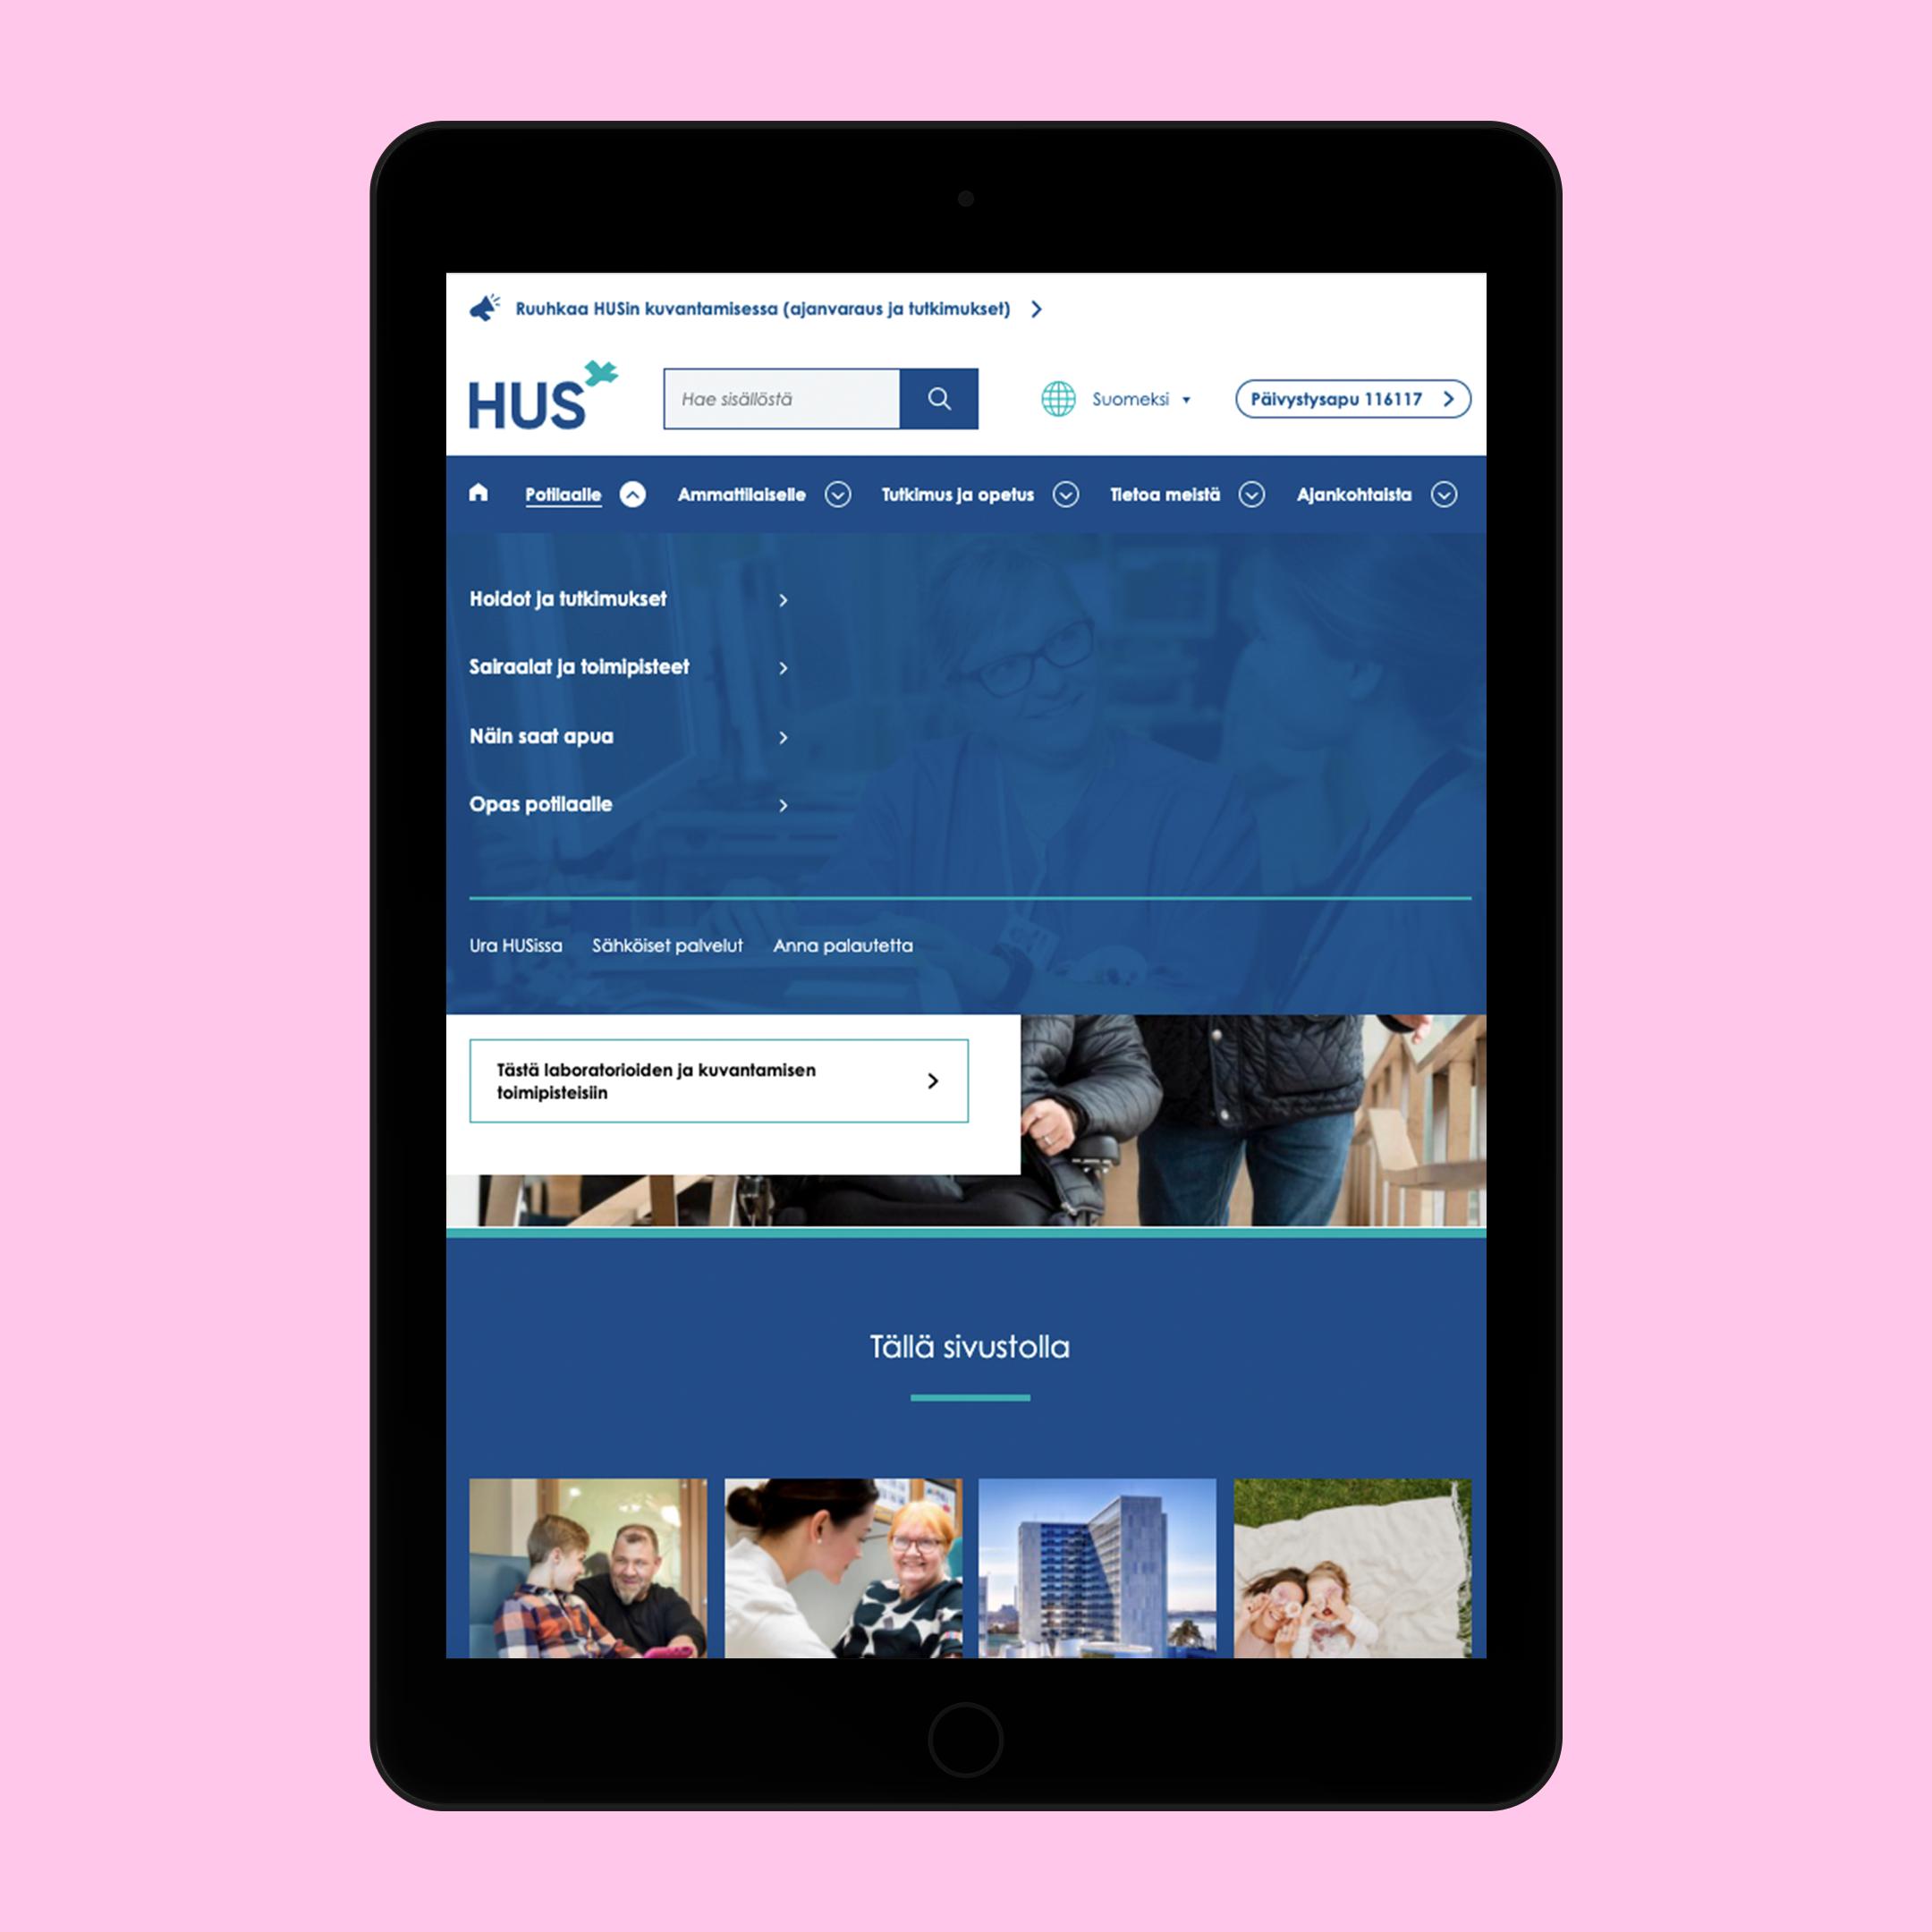 """Hus.fi """"Potilaalle"""" menu on iPad"""